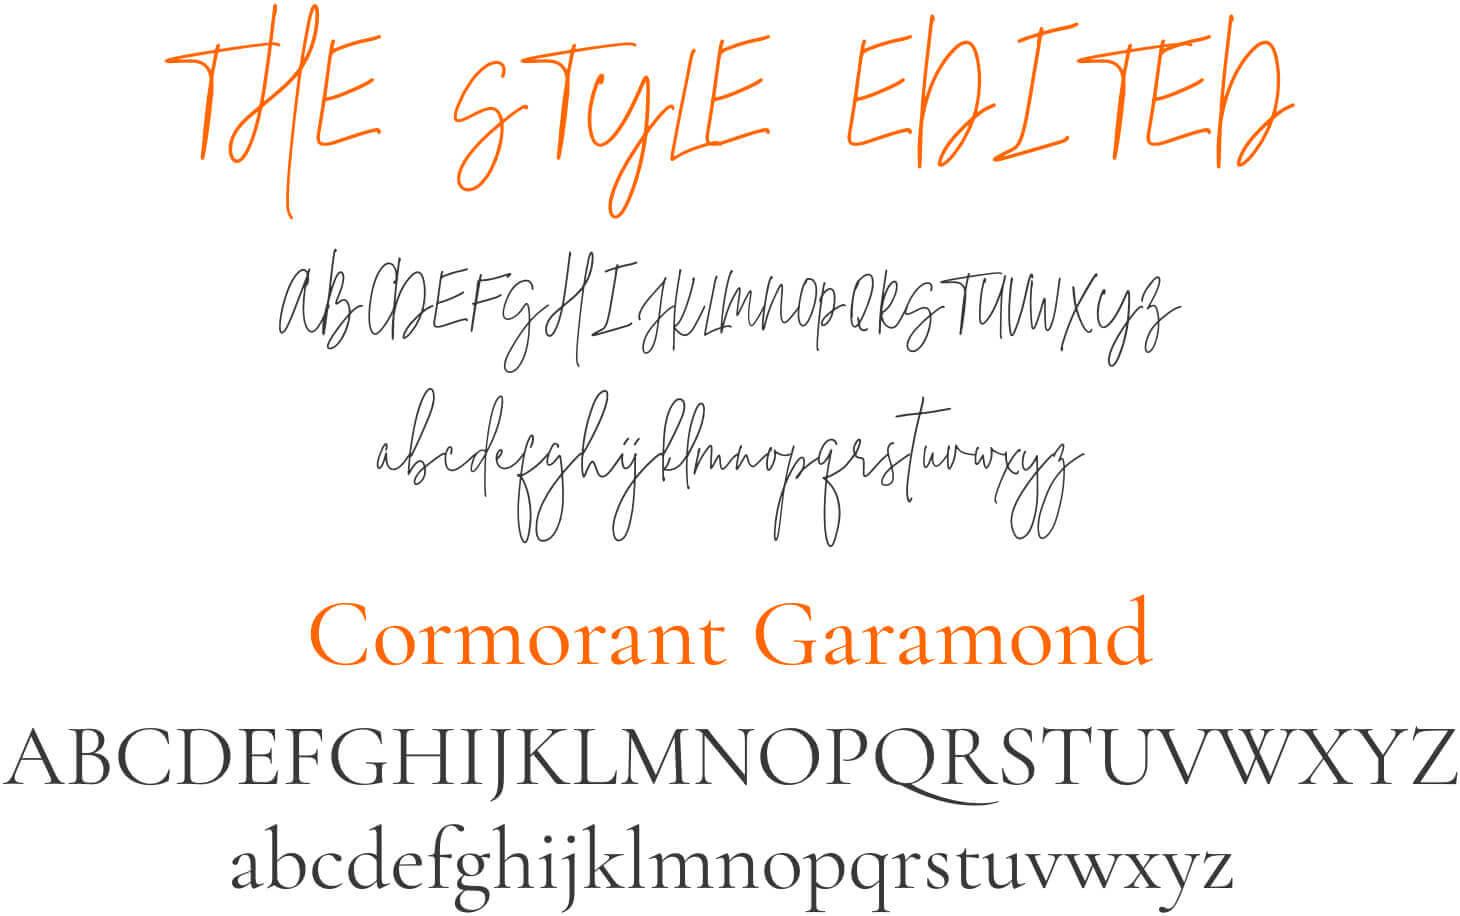 Koger-Love-Web-Design-Font-Palette